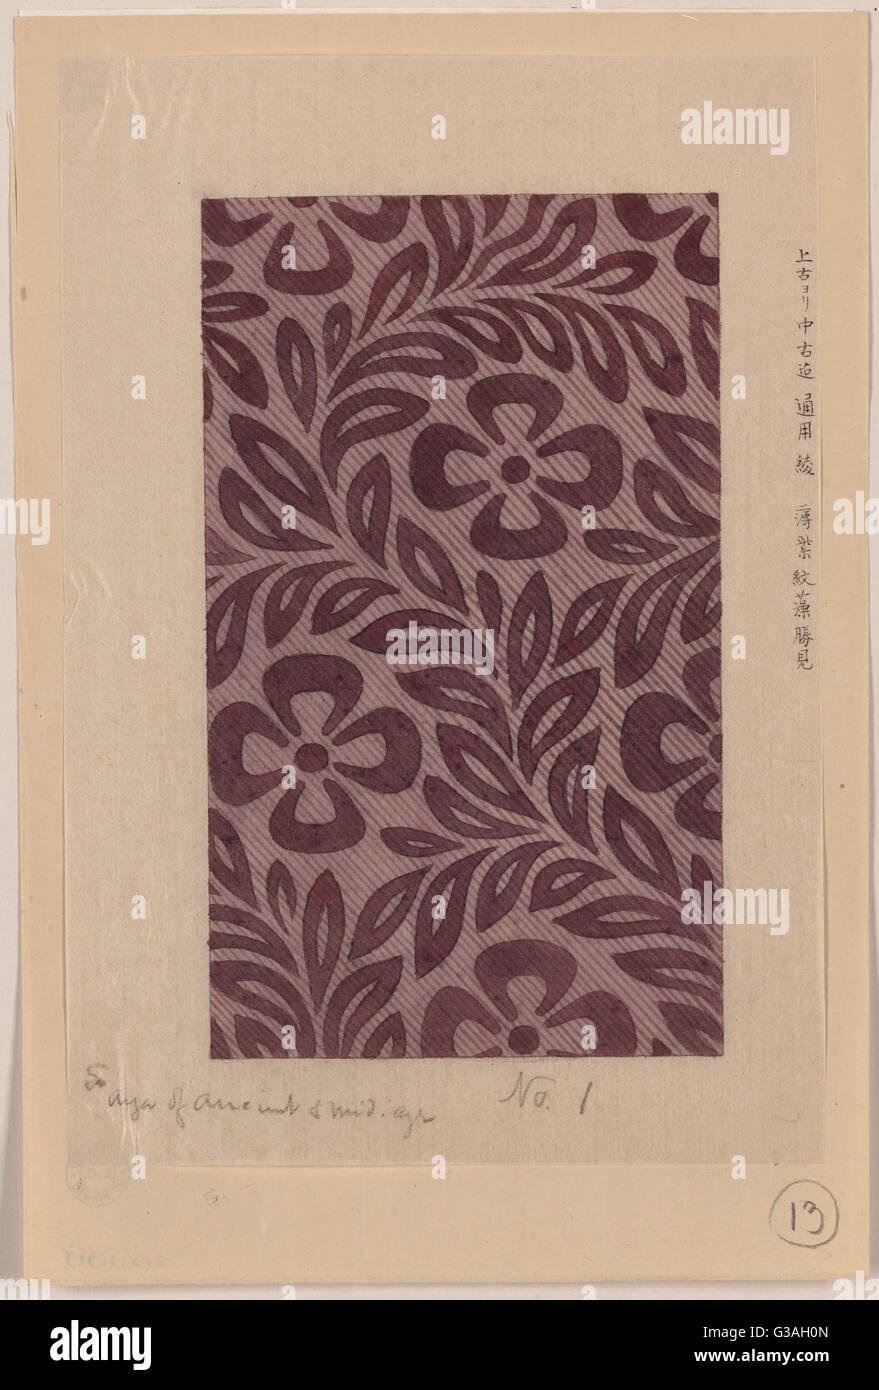 Il design tessile con motivo floreale. Data 1878?. Immagini Stock